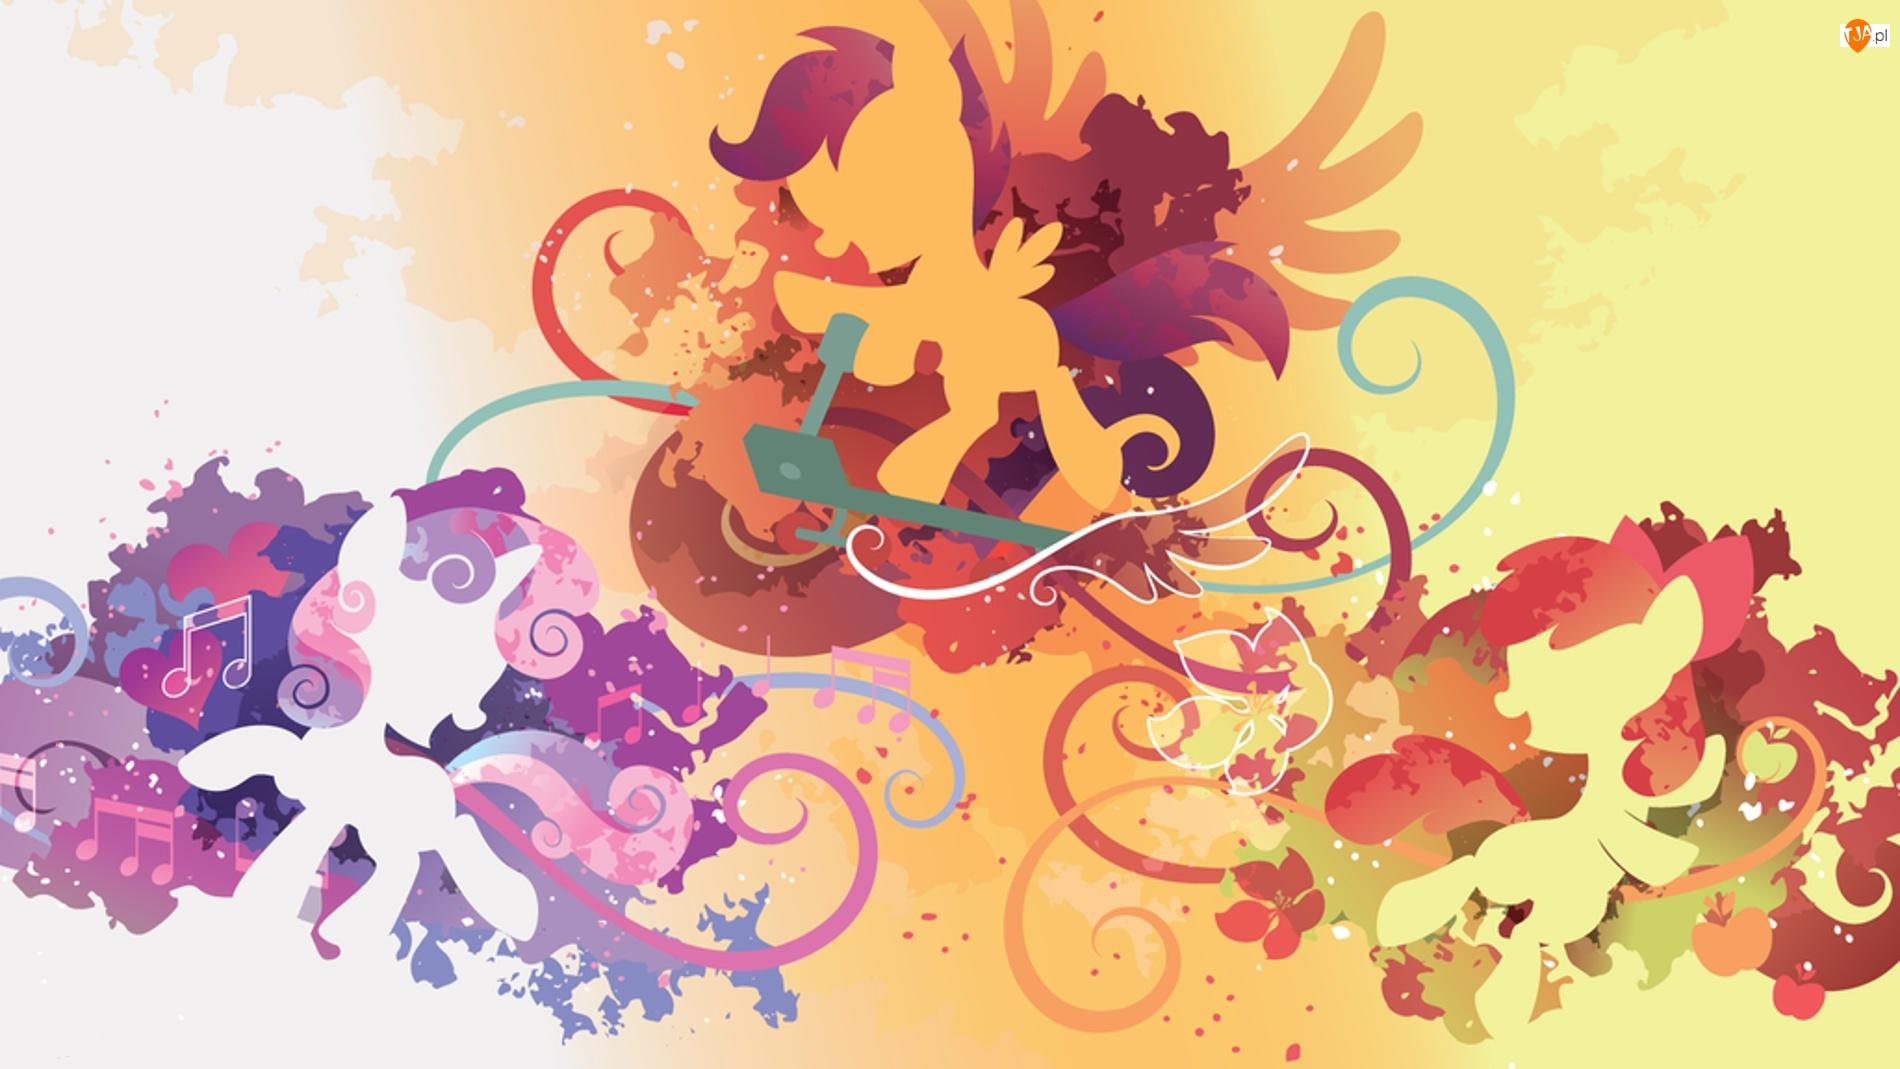 Sweetie Belle, My Little Pony, Scootaloo, Znaczkowa Liga, Apple bloom